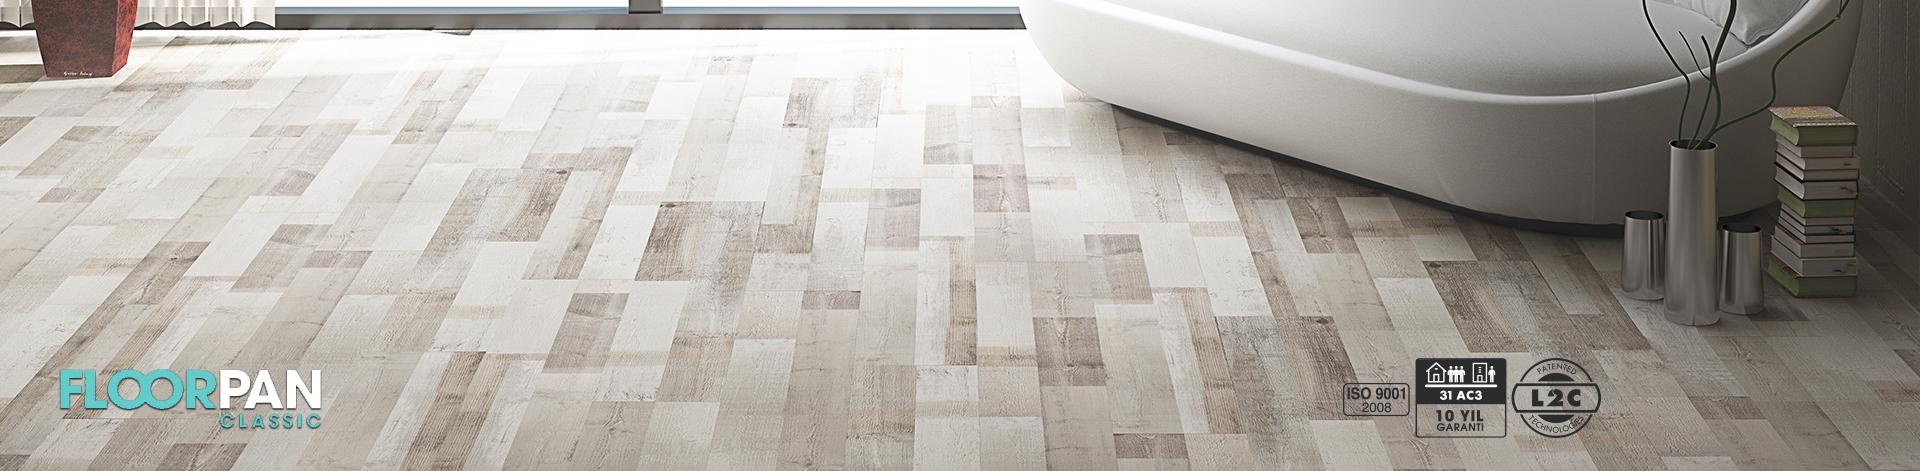 floorpan-classic-siteler